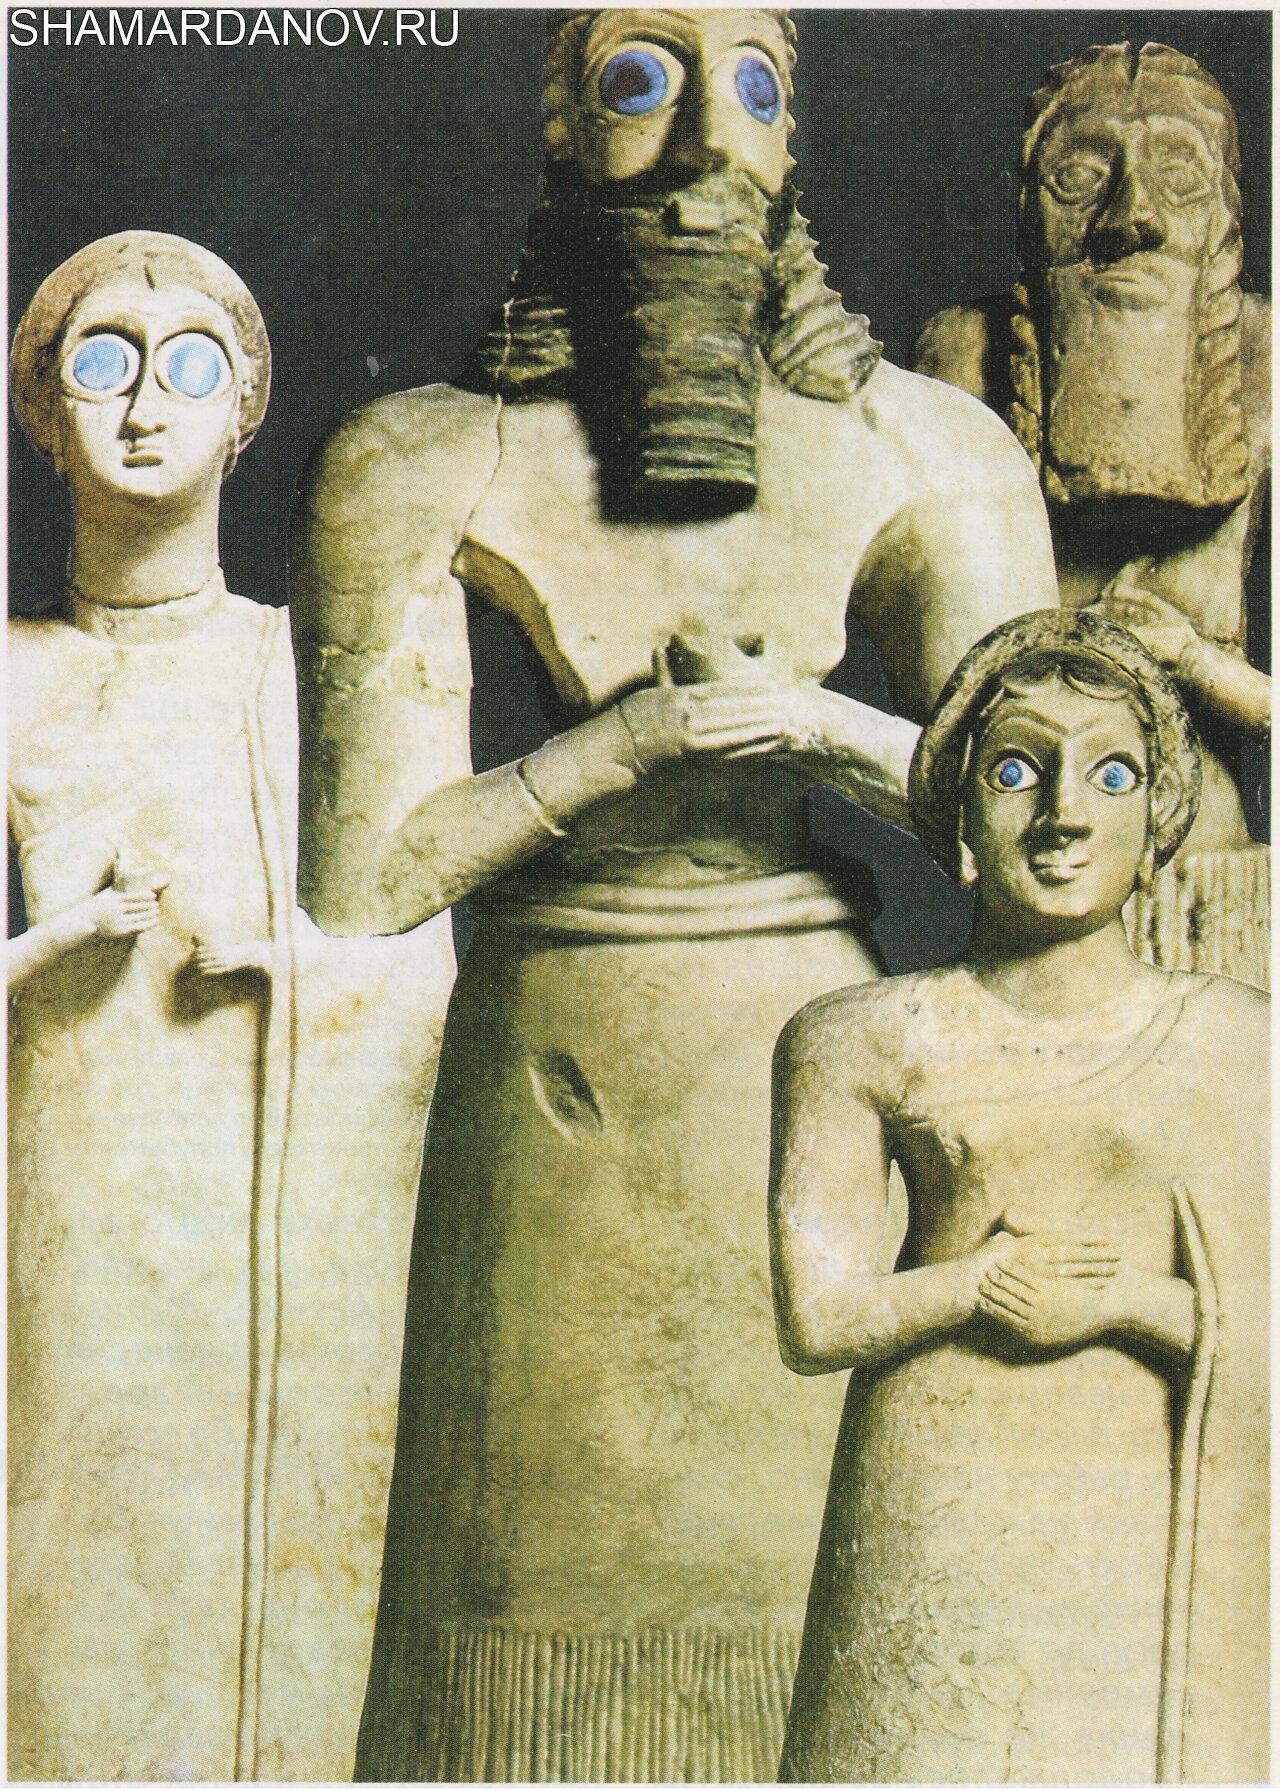 Статуя молящихся шумеров (просителей) из храма Аб-у в Эшнуне (гипс, 2800—2600 до н.э.; Багдад, Иракский музей; Чикаго, Восточный институт)